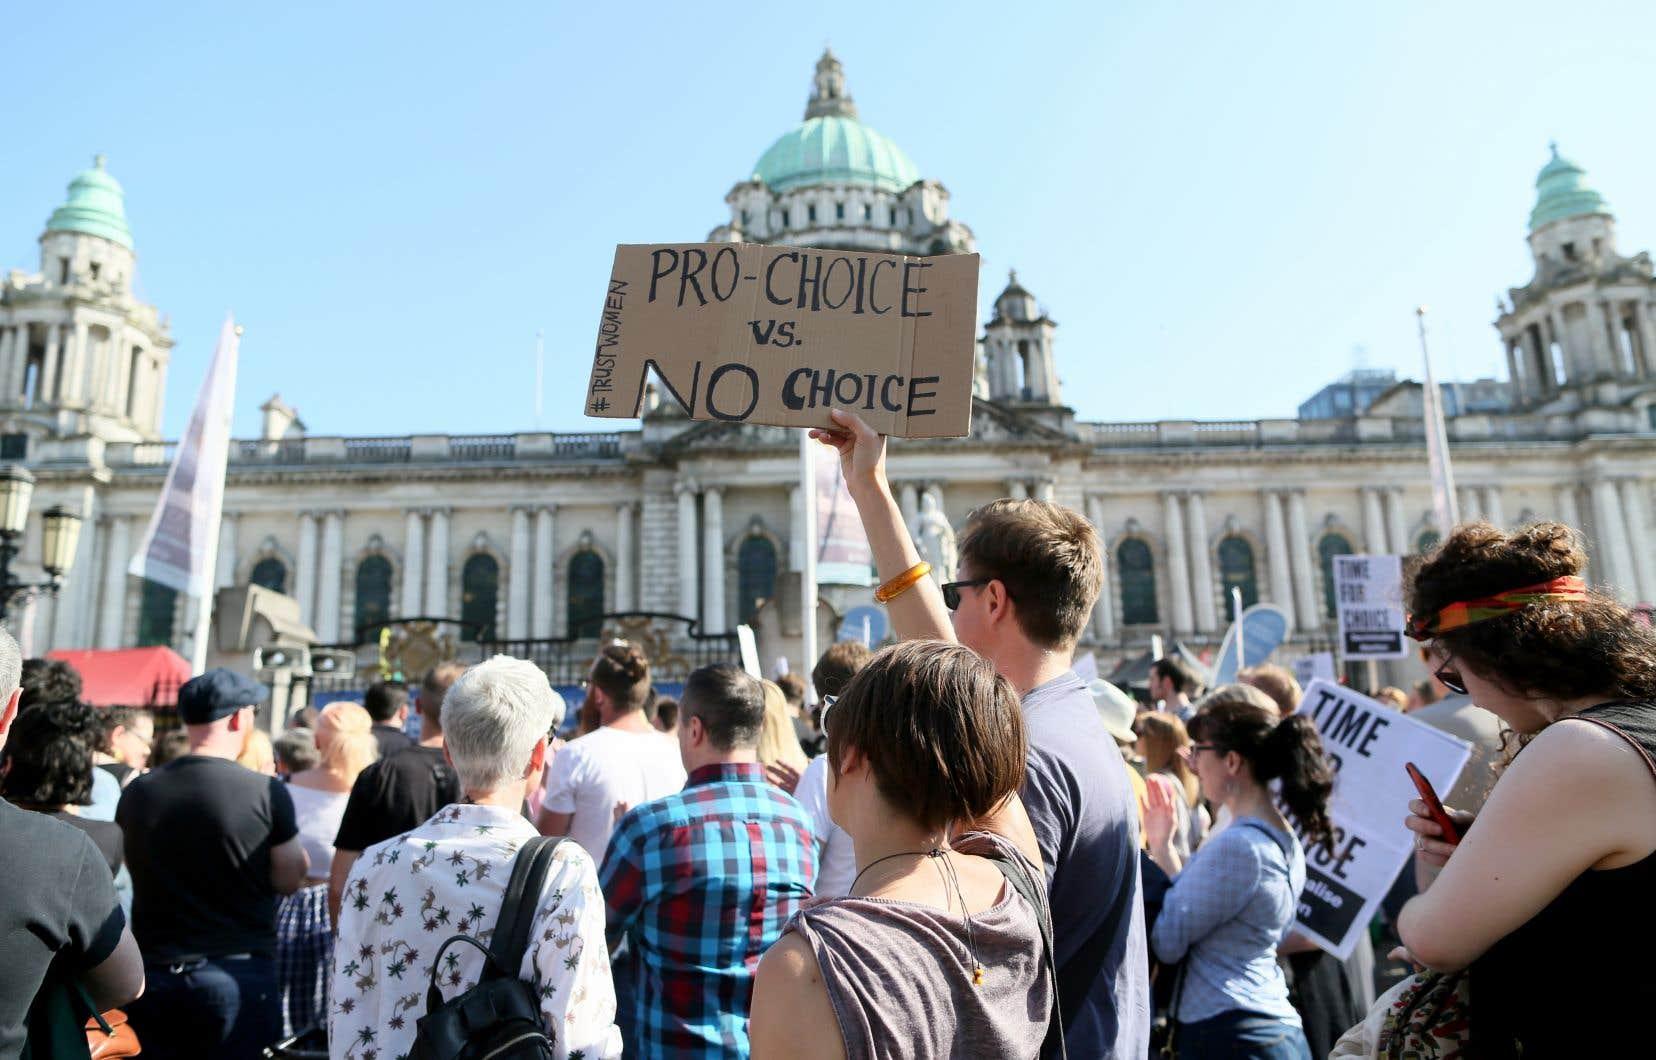 Des militants pro-choix ont manifesté à Belfast pour réclamer l'abrogation des dispositions spécifiques à l'Irlande du Nord.